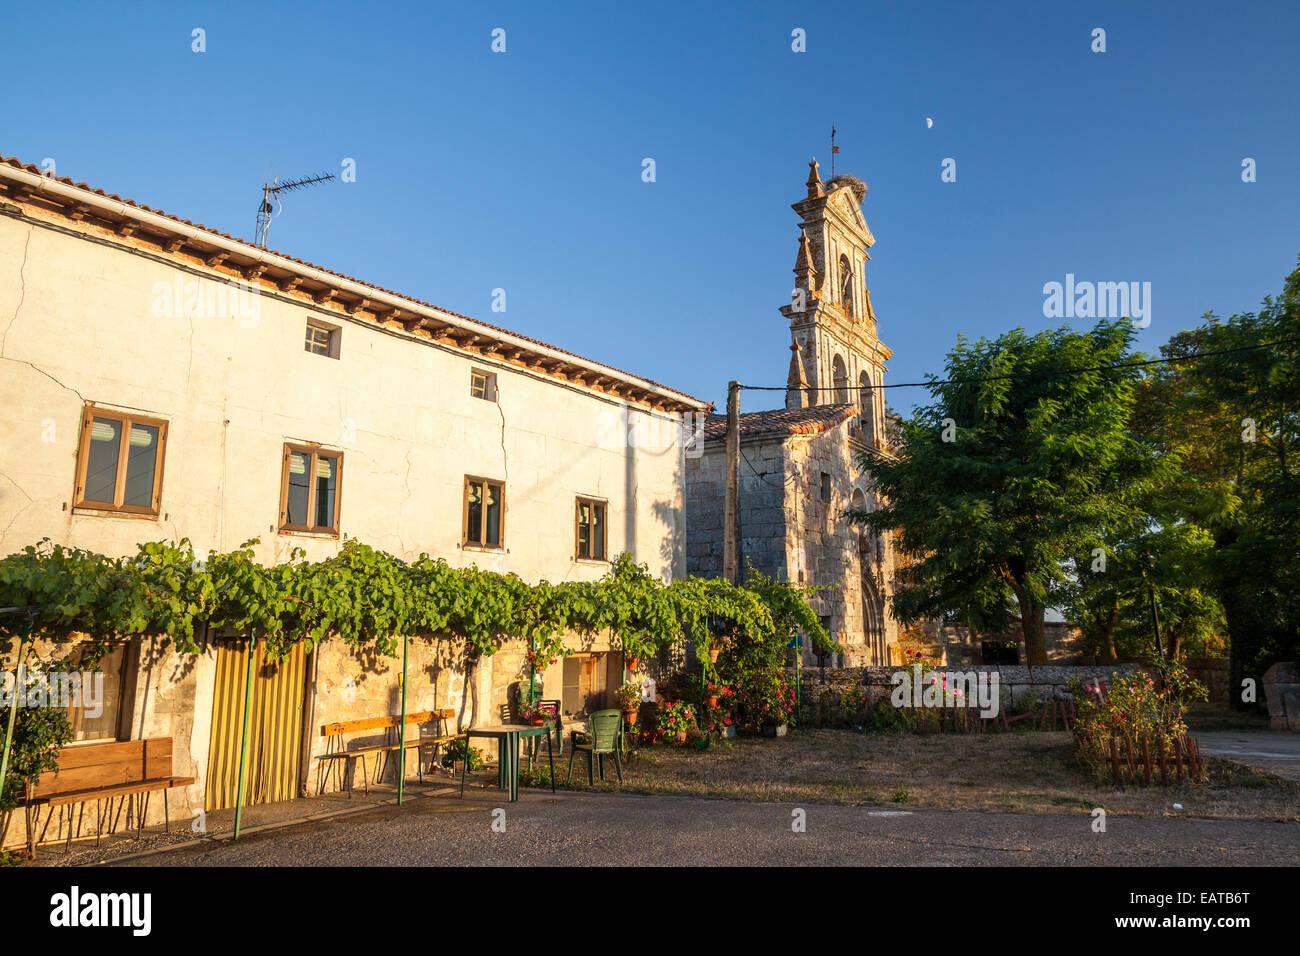 Church of Nuestra Señora de Mérida in Agés village in the Way of St. James, Burgos, Spain - Stock Image